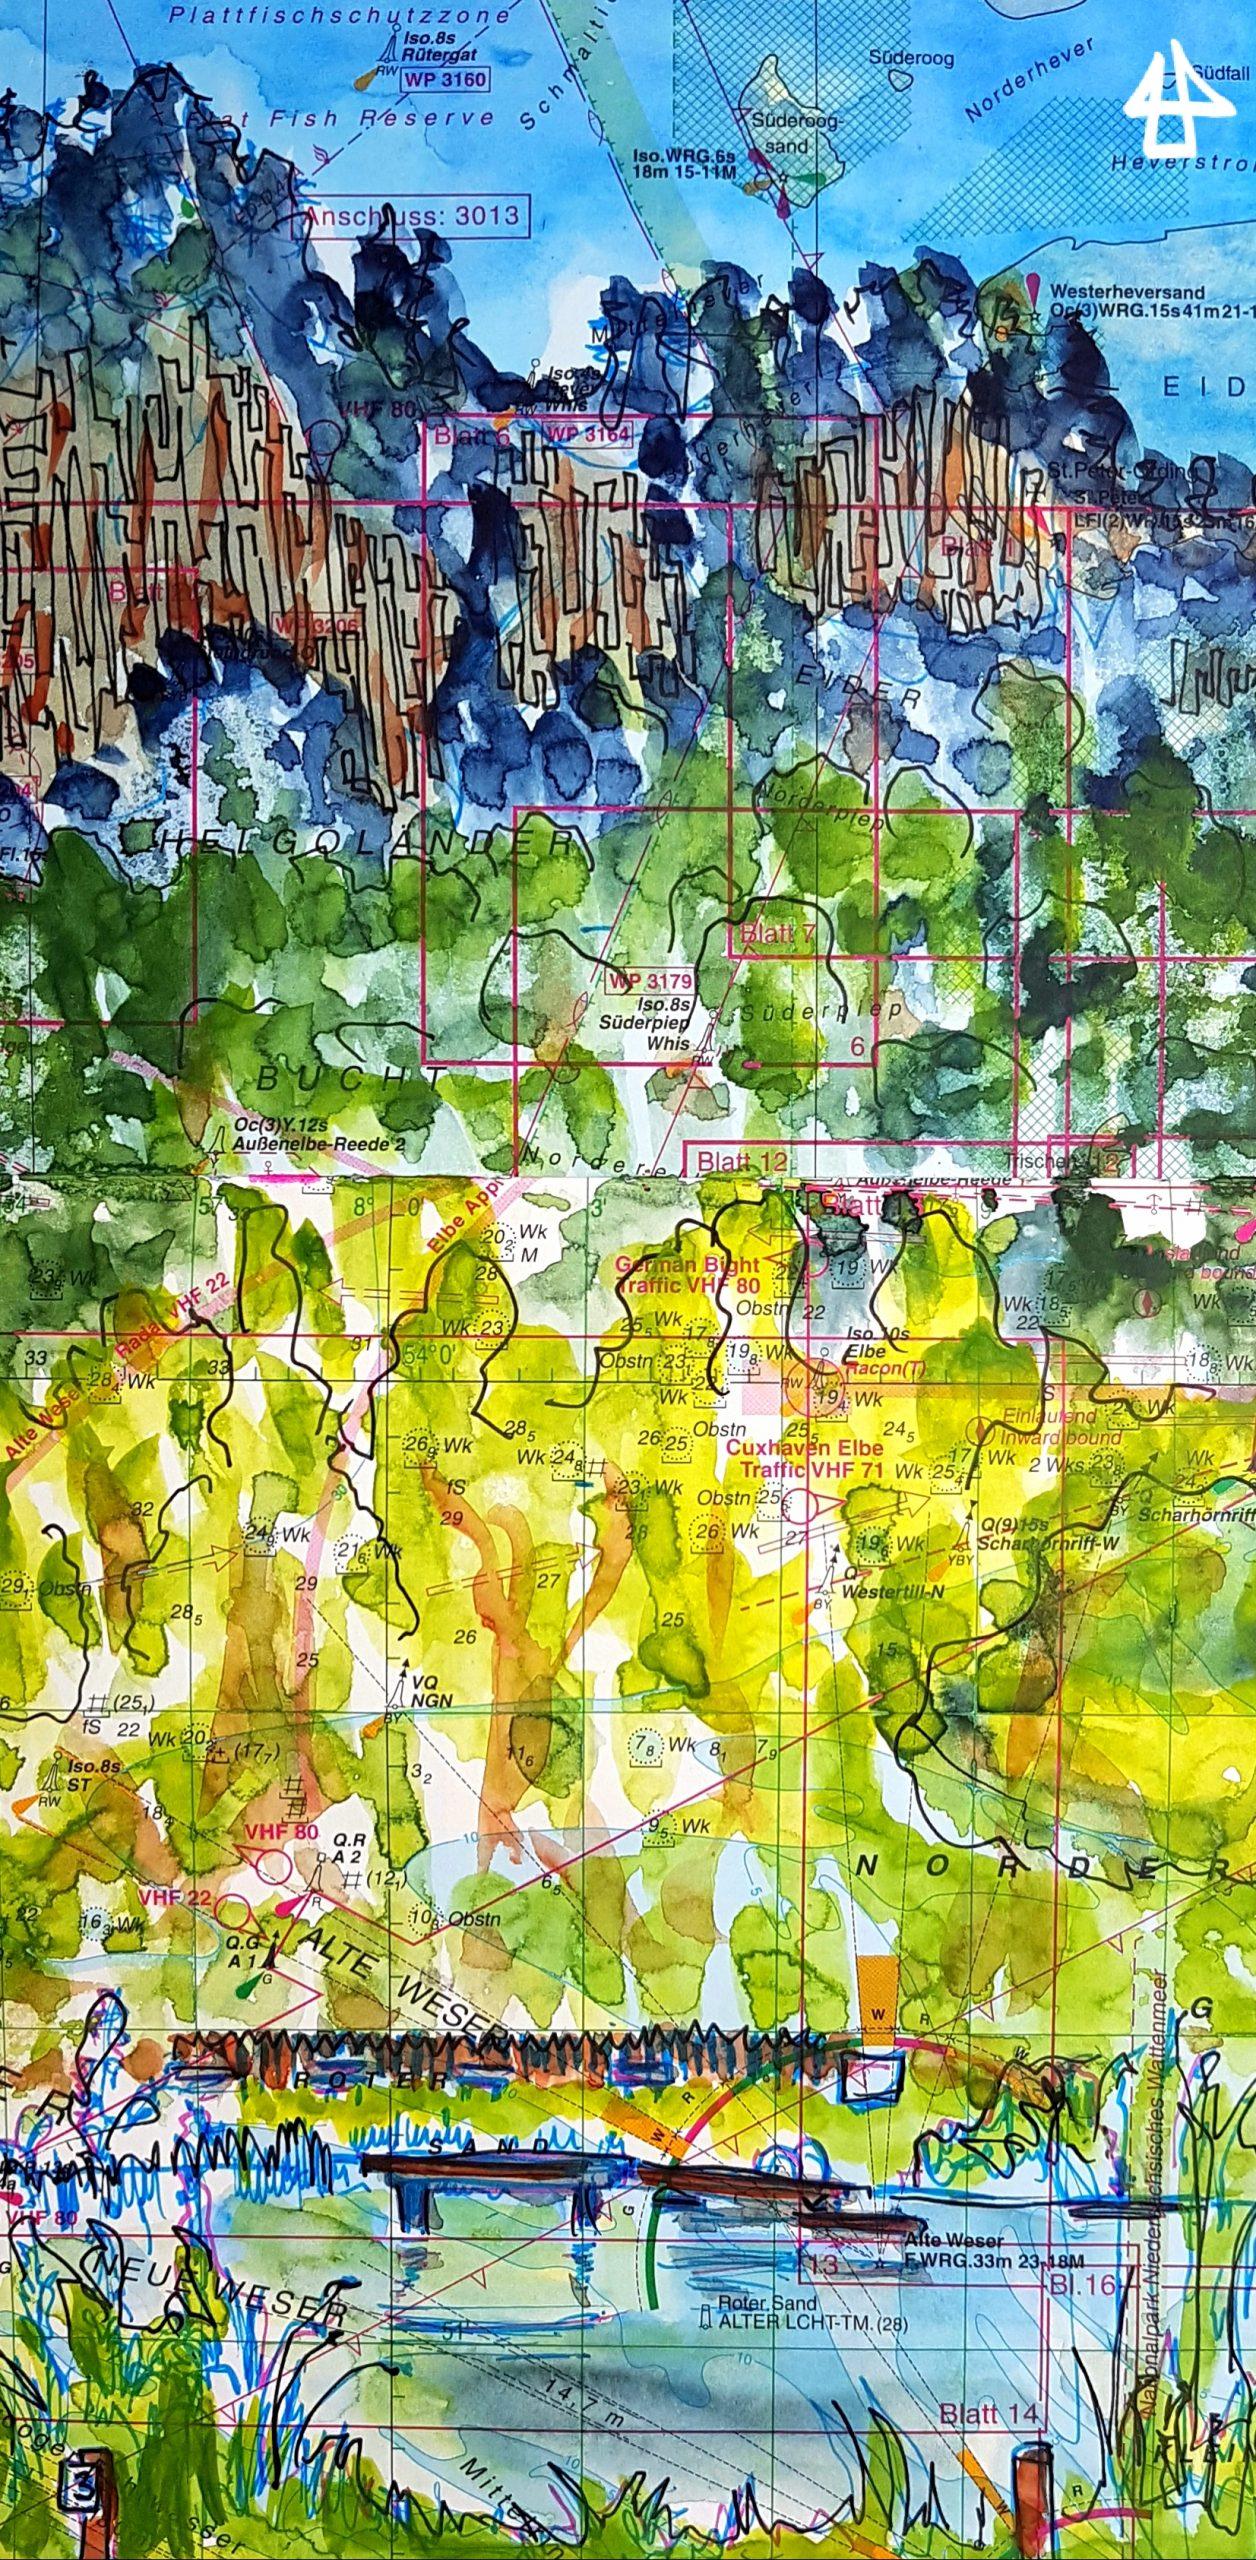 Wasserfarben und Fineliner aus alter Seekarte. Zeichnung eines Teils eines Sees mit Steg, dahinter ein bewaldete Berge die nach oben dunkler werden.